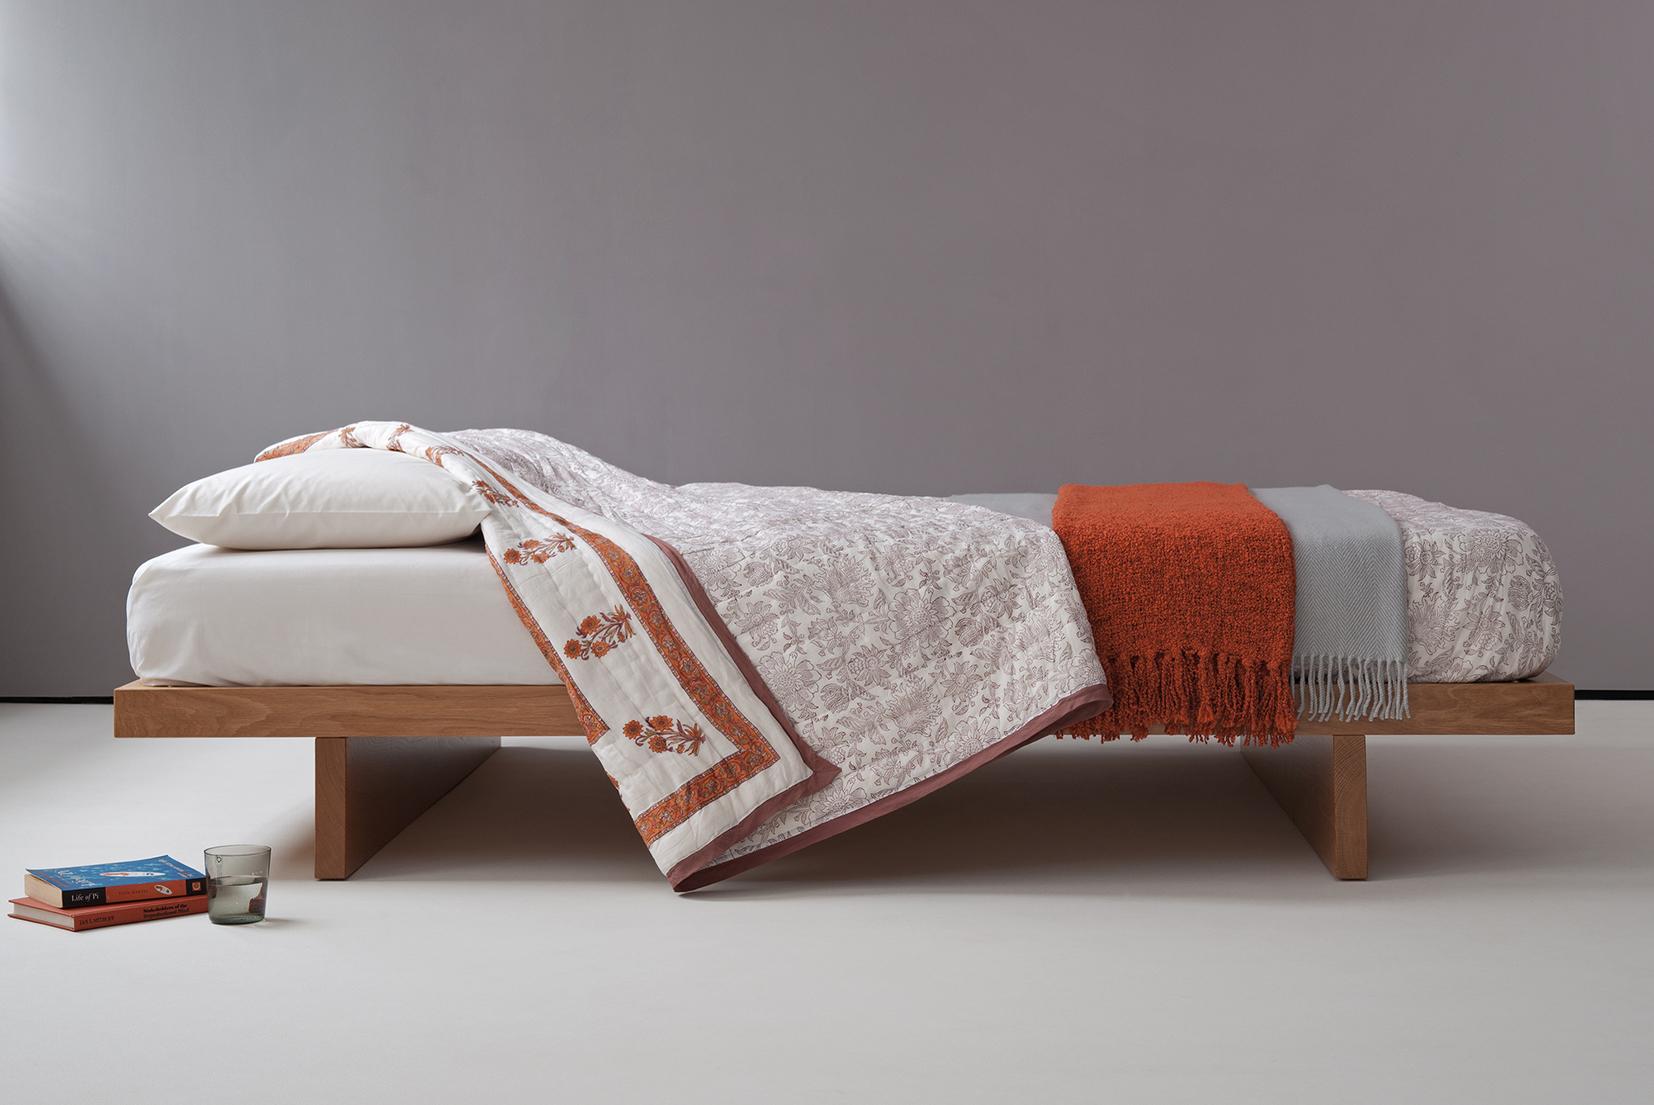 kyoto bed in oak